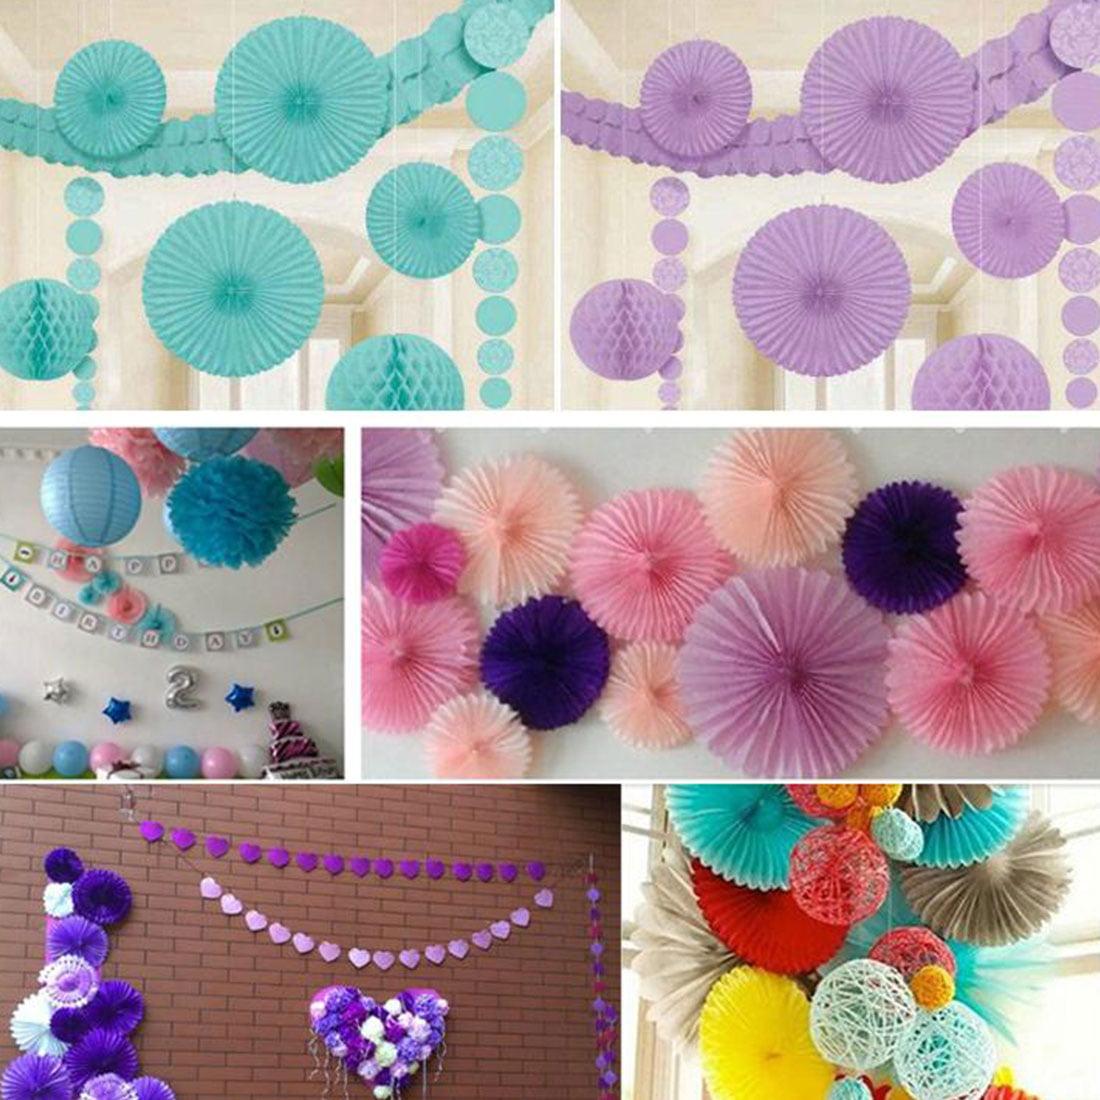 Paper Hollow Out Design Folding Fan Flower Purple for Party Wedding Home Decor - image 1 de 4